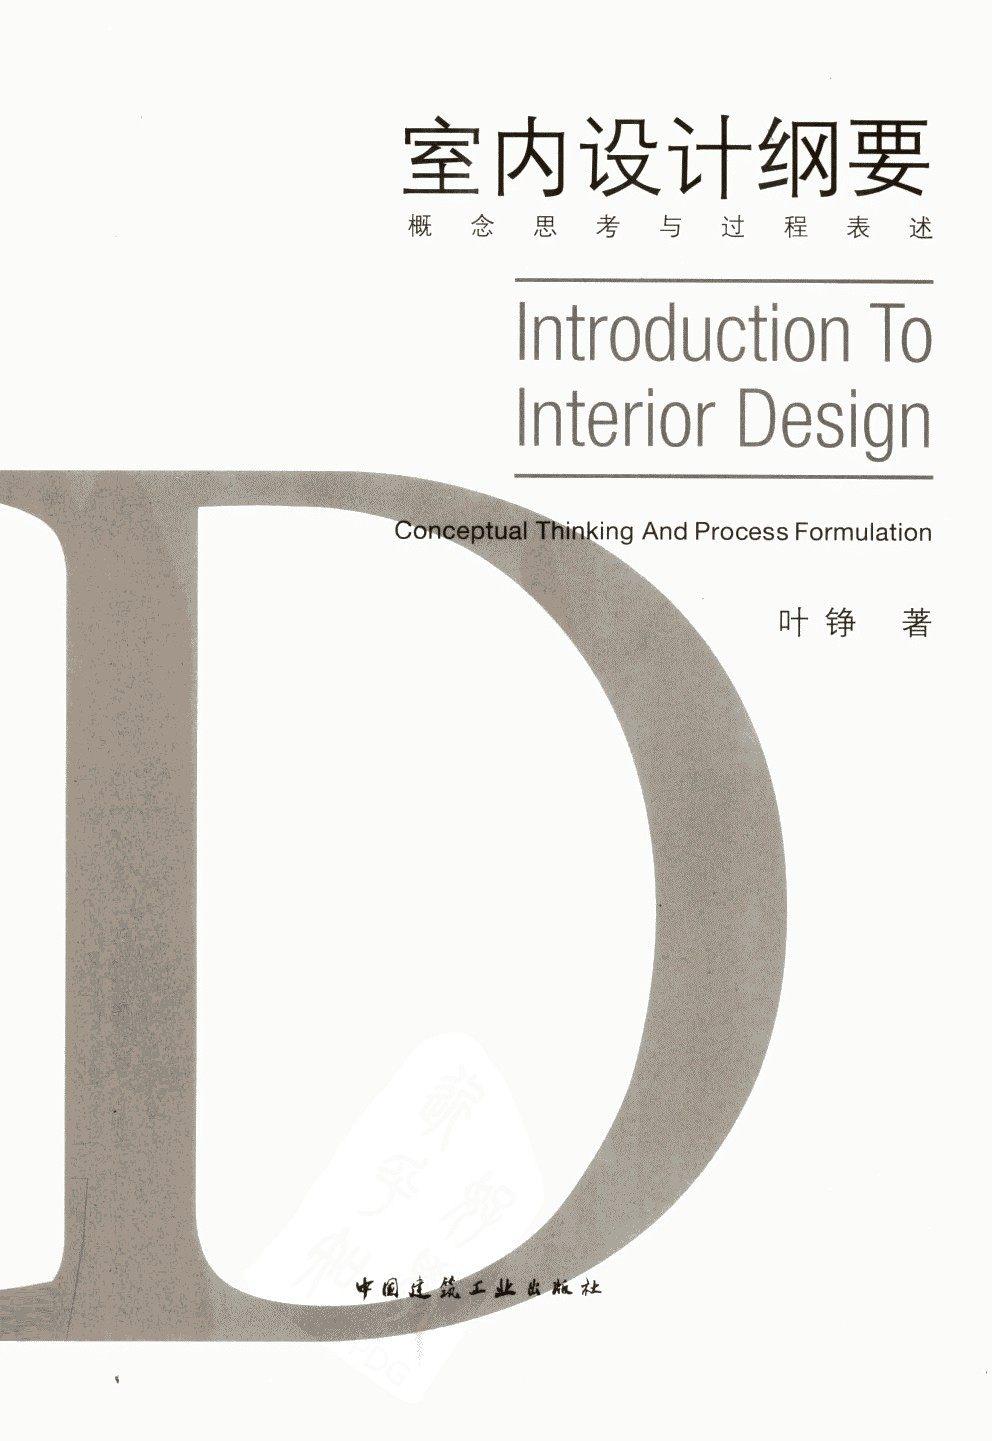 室内设计纲要++概念思考与过程表达_室内设计纲要  概念思考与过程表达_1297982..._页面_001.jpg